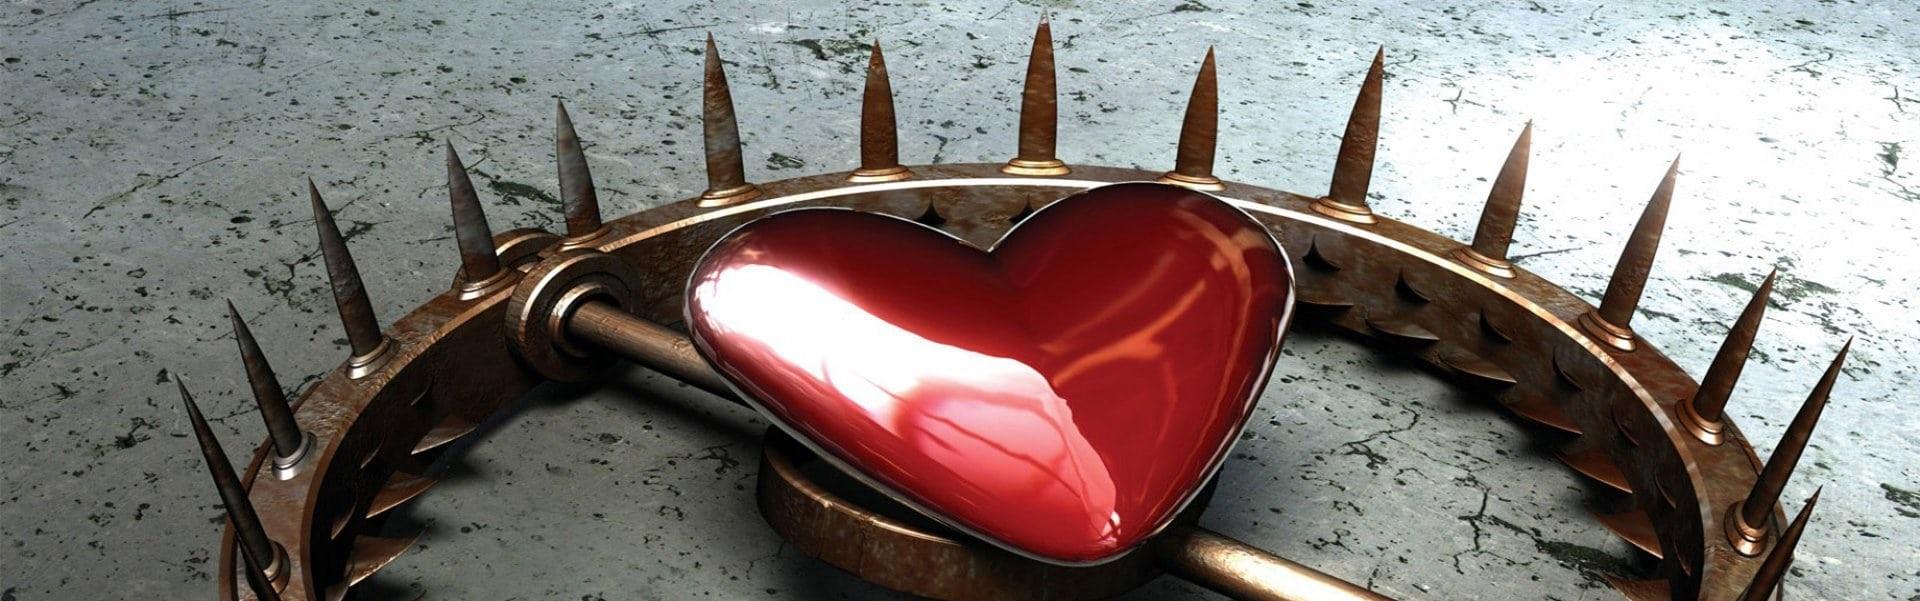 ebook cuore trappola